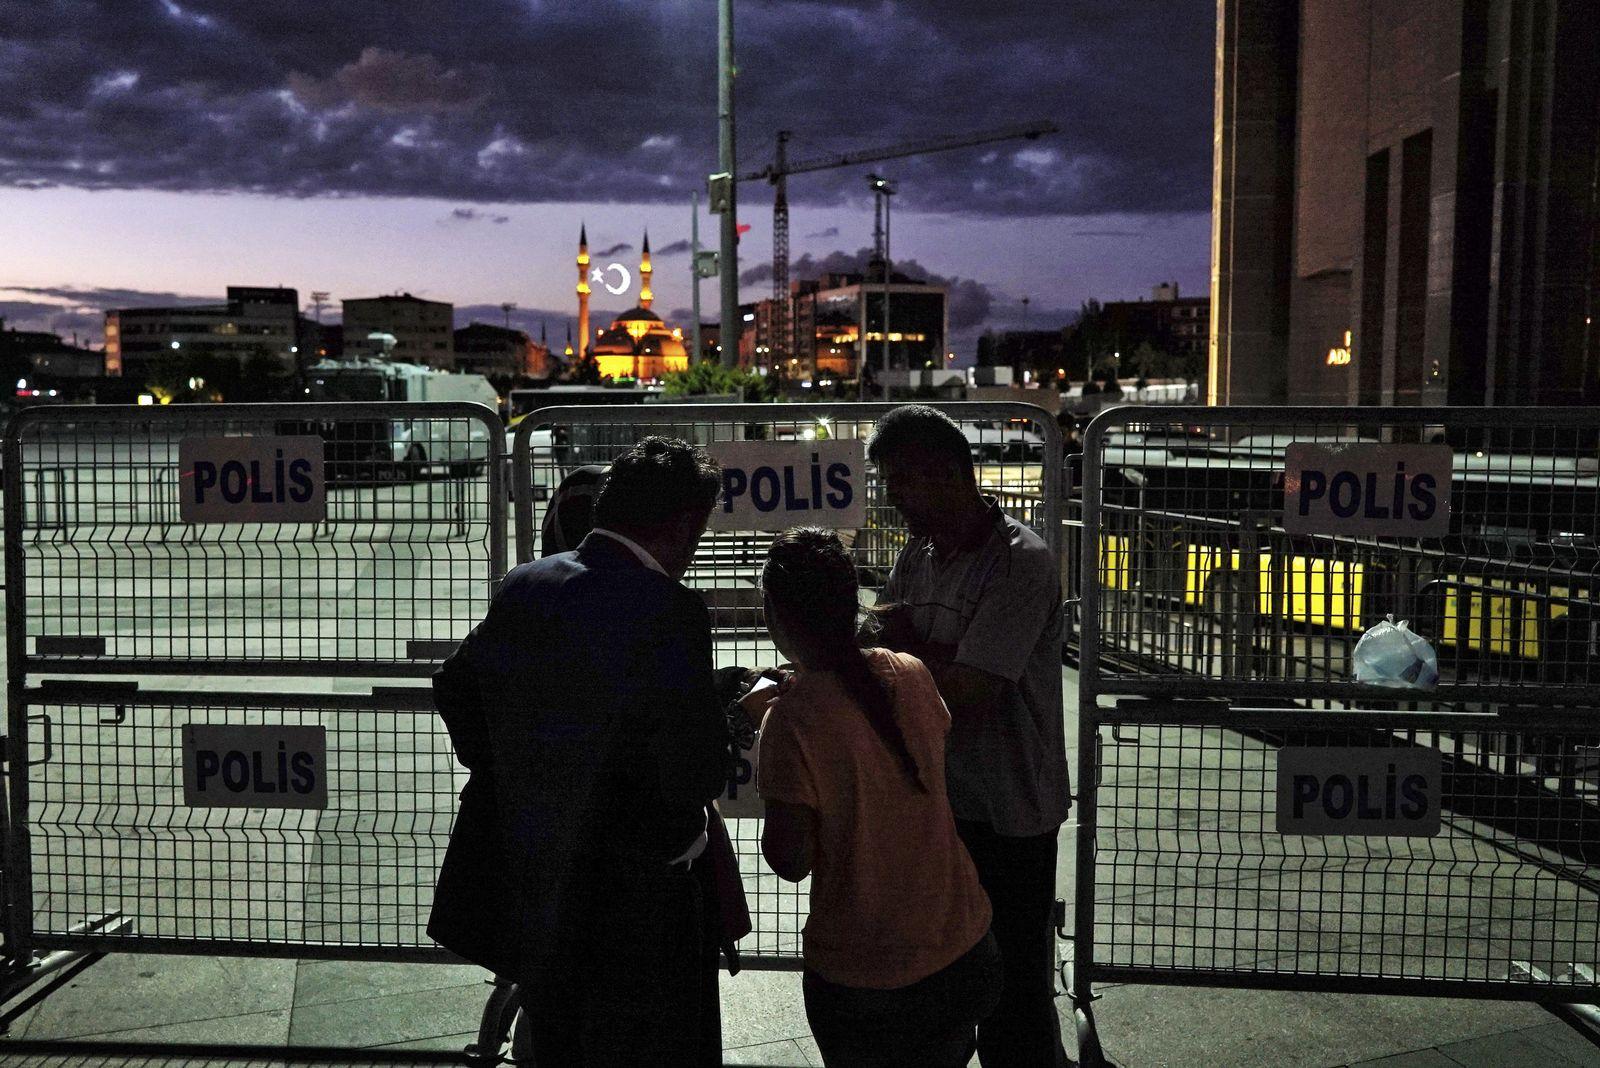 Türkei, Istanbul, Inhaftierte, Gefangene, Angehörige